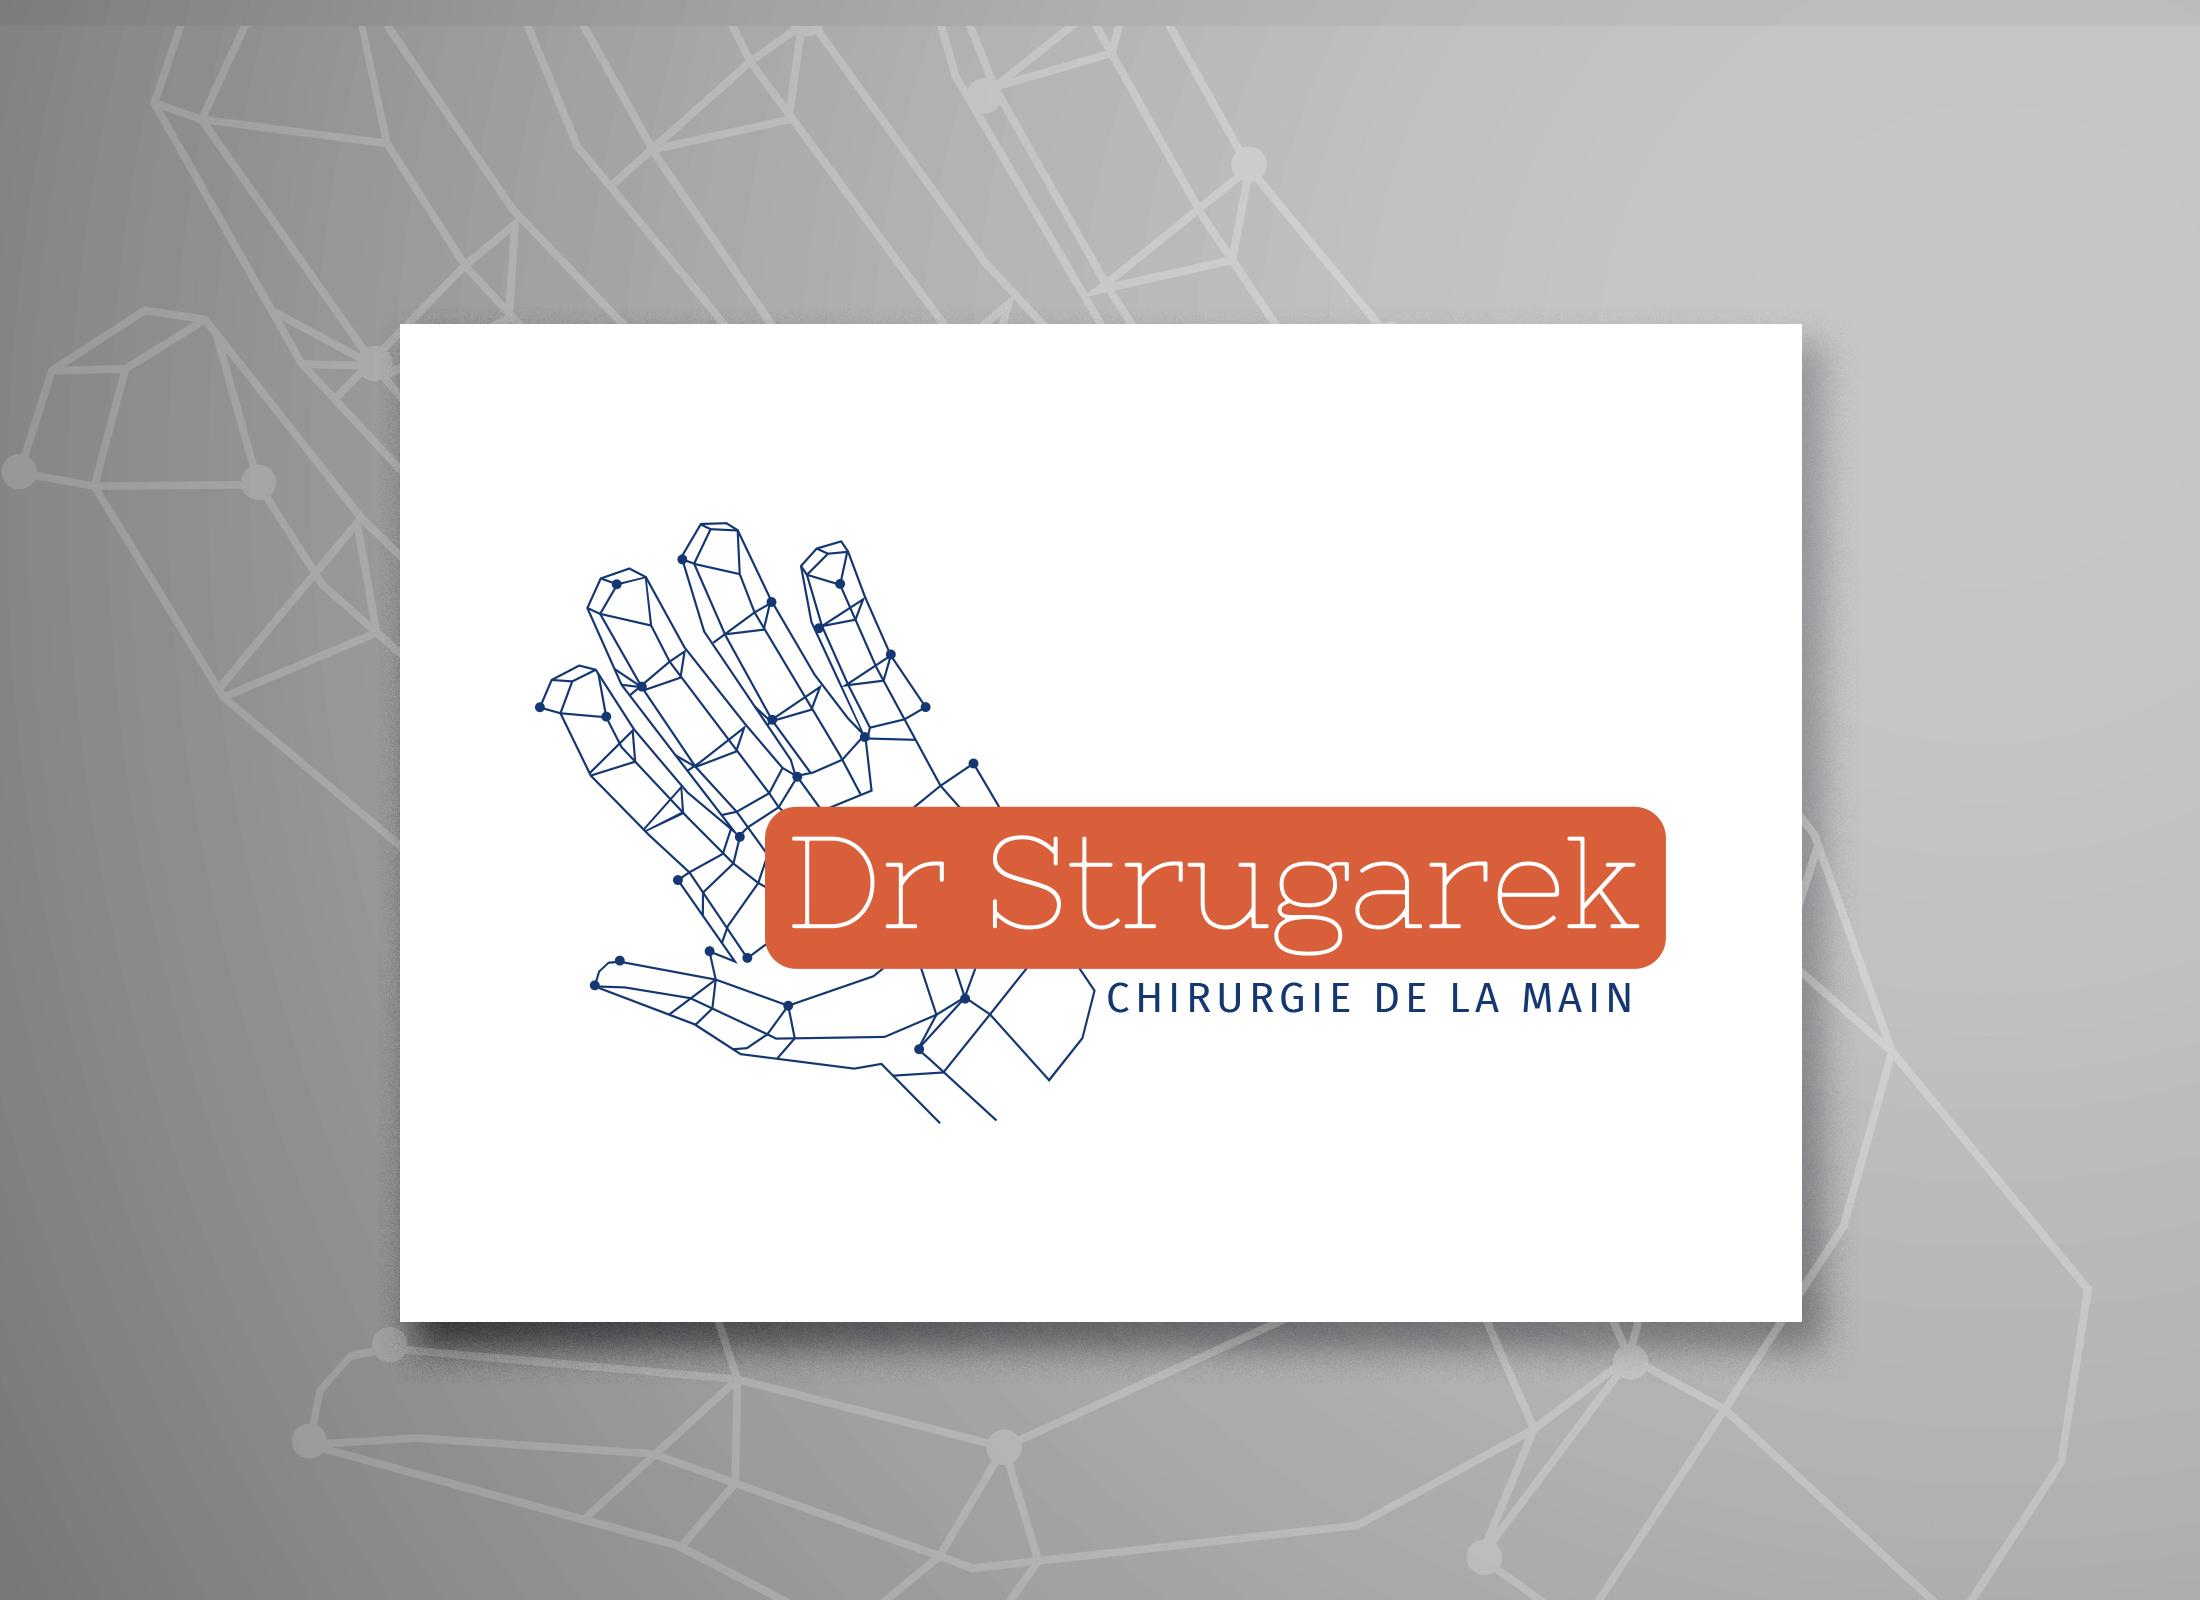 DR STRUGAREK